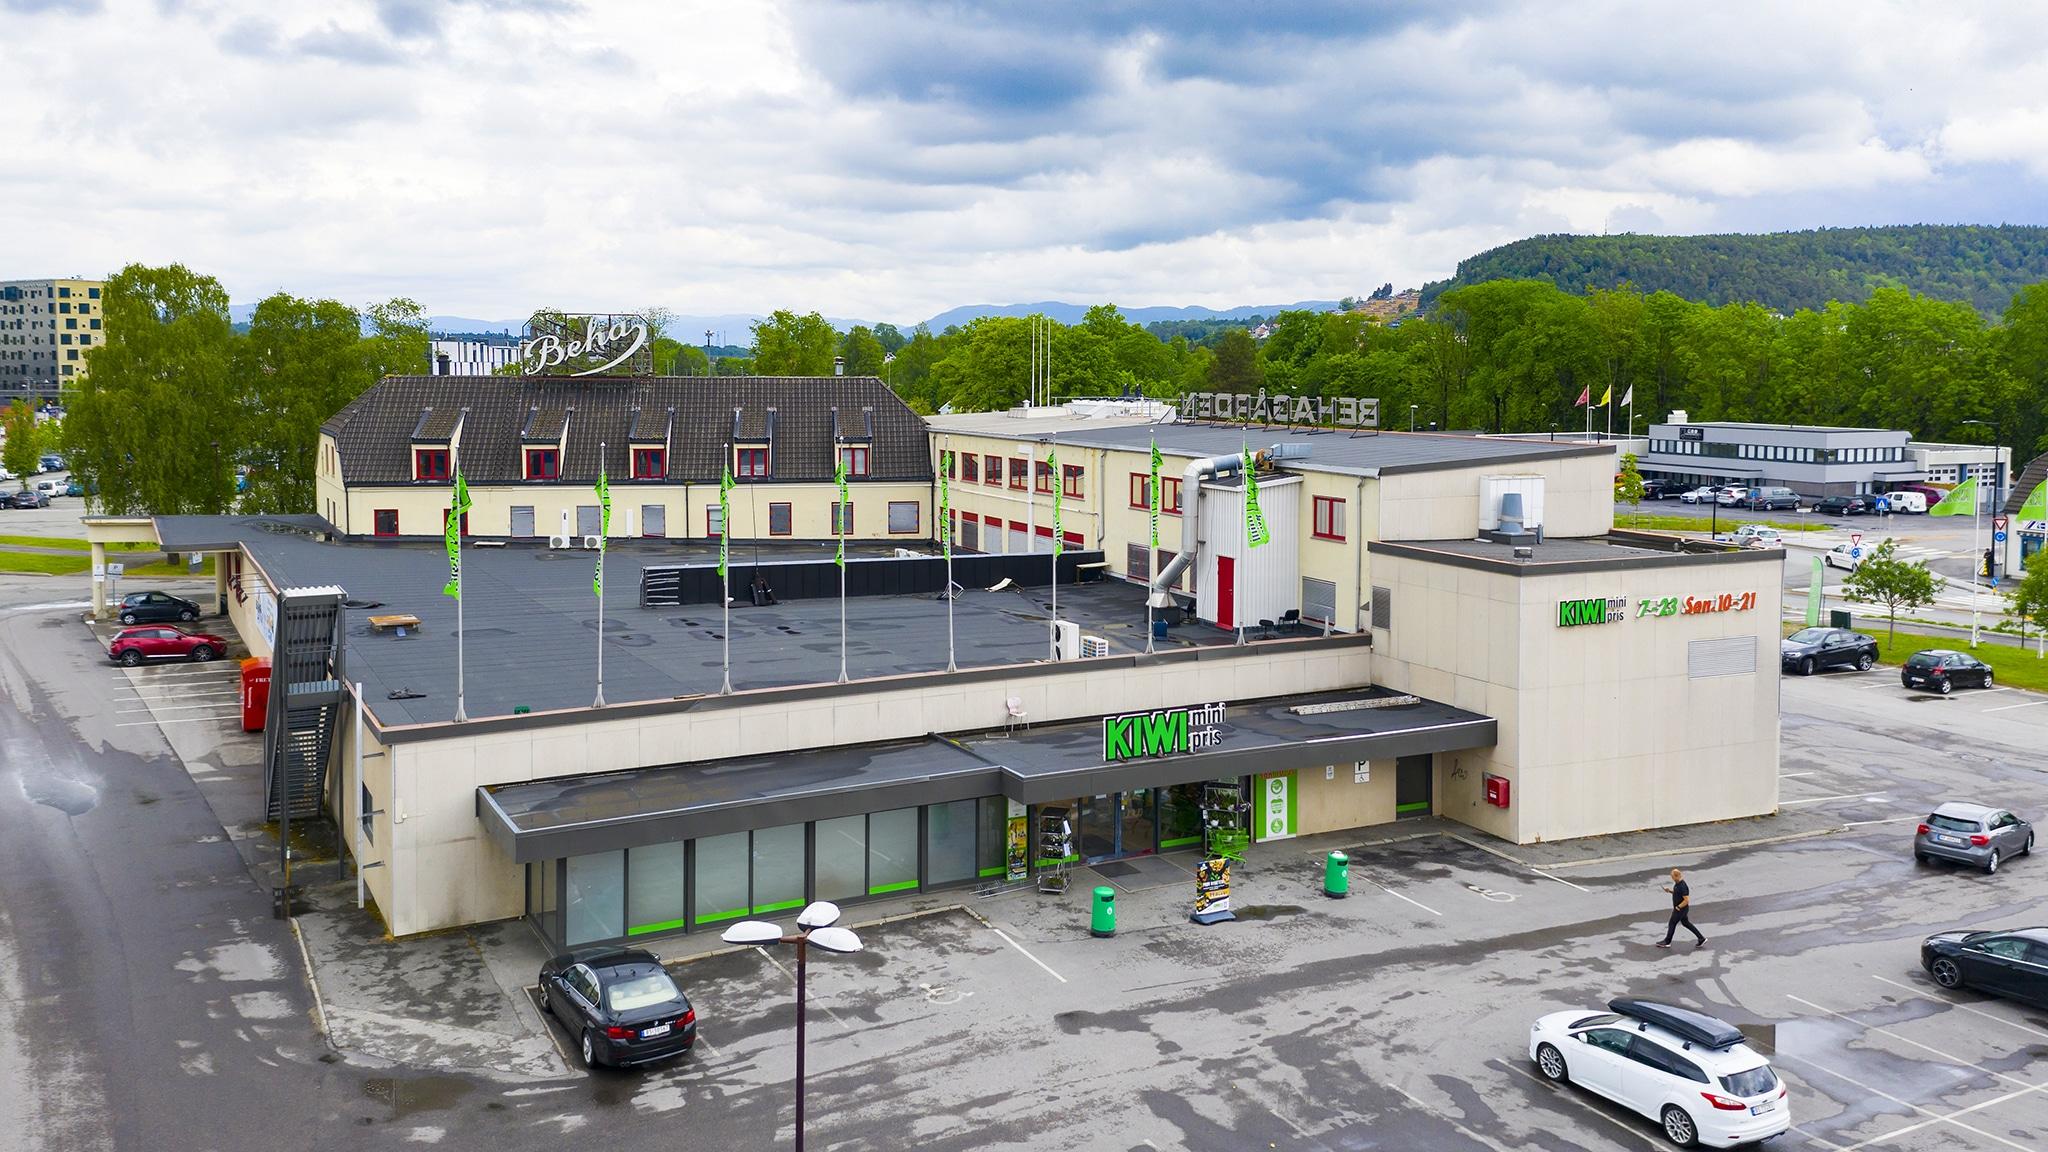 Butikklokale beha kvartalet C E Berg Hanssens gate porsgrunn 7